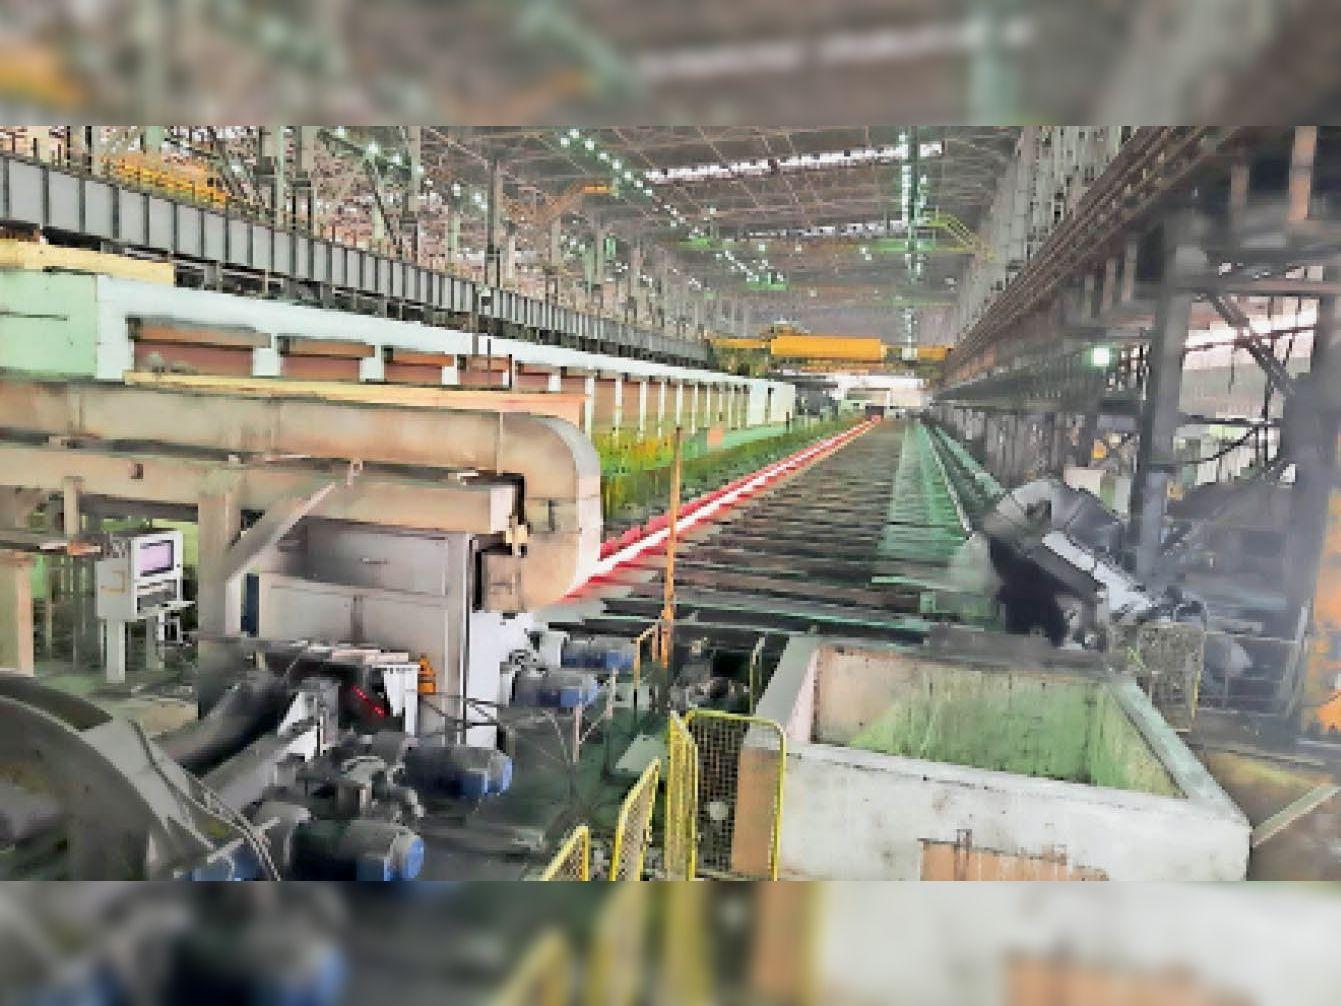 बीएसपी के सभी मिलों में स्टील प्रोडक्ट का उत्पादन तेजी से चल रहा। - Dainik Bhaskar